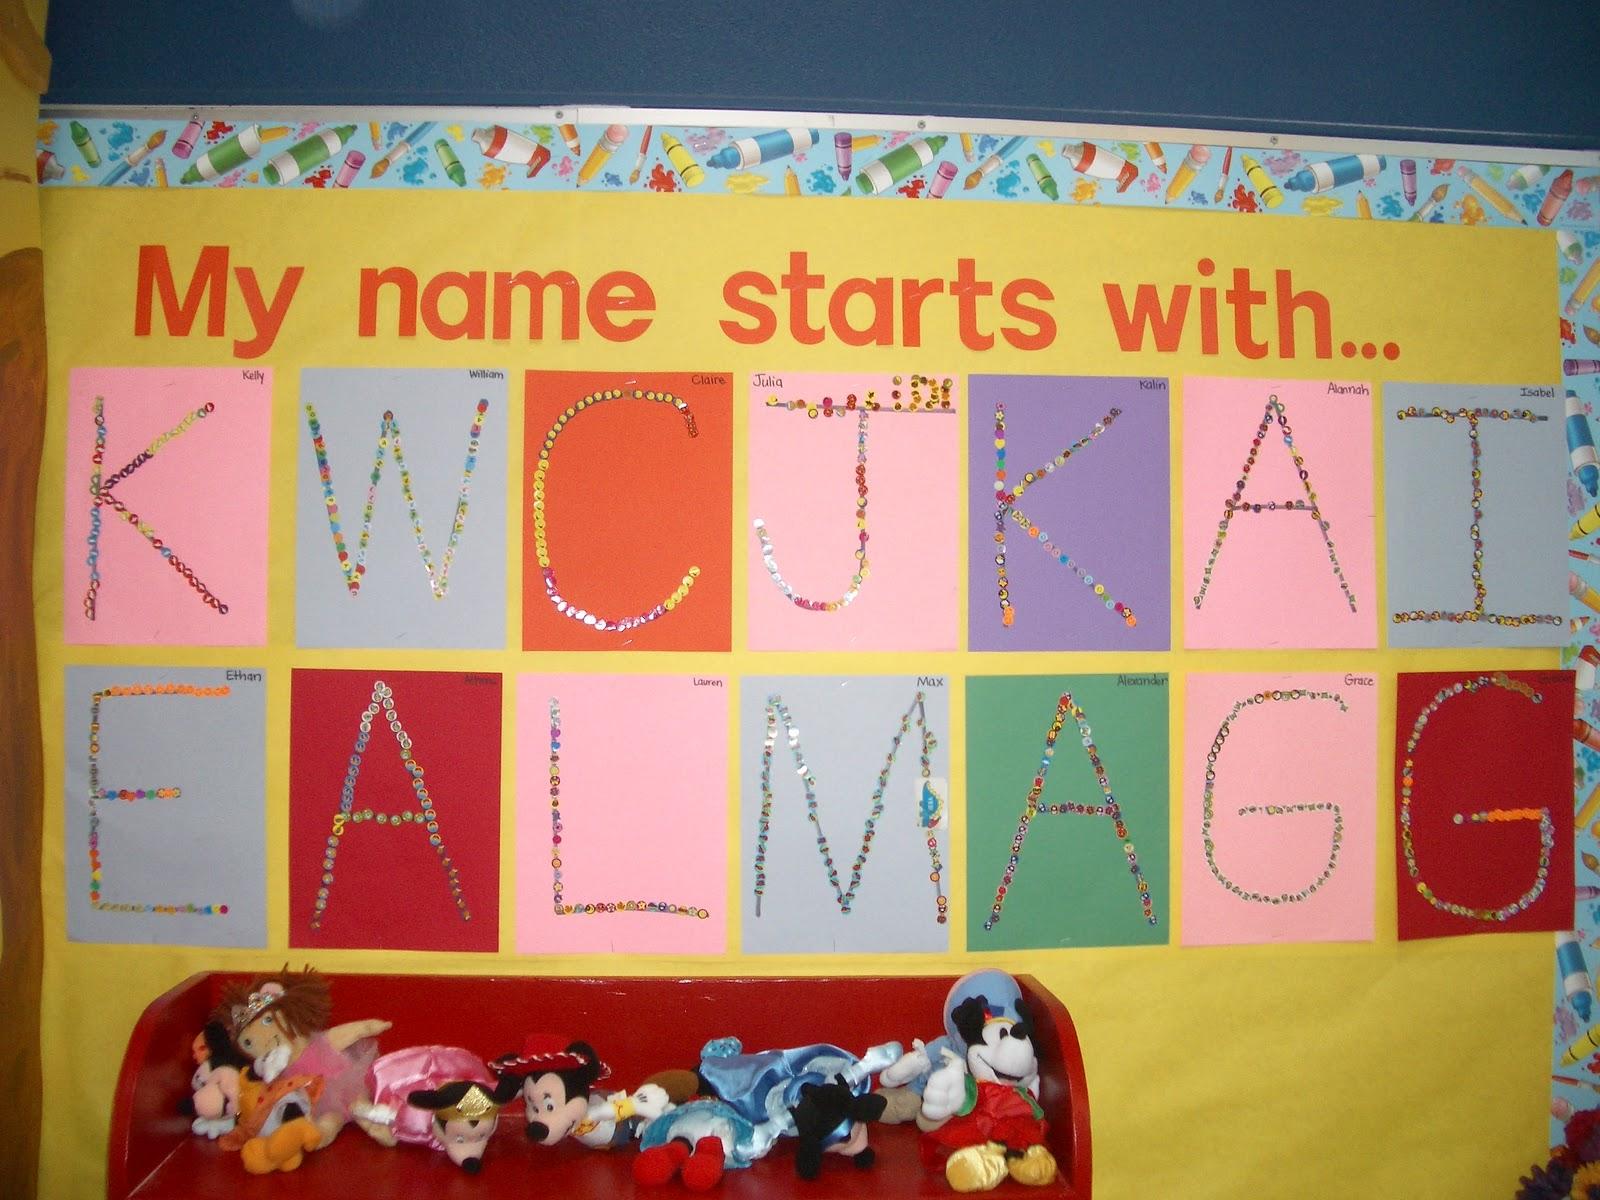 Preschool Classroom Name Ideas ~ Miss egnatuk s developmental kindergarten dk through the